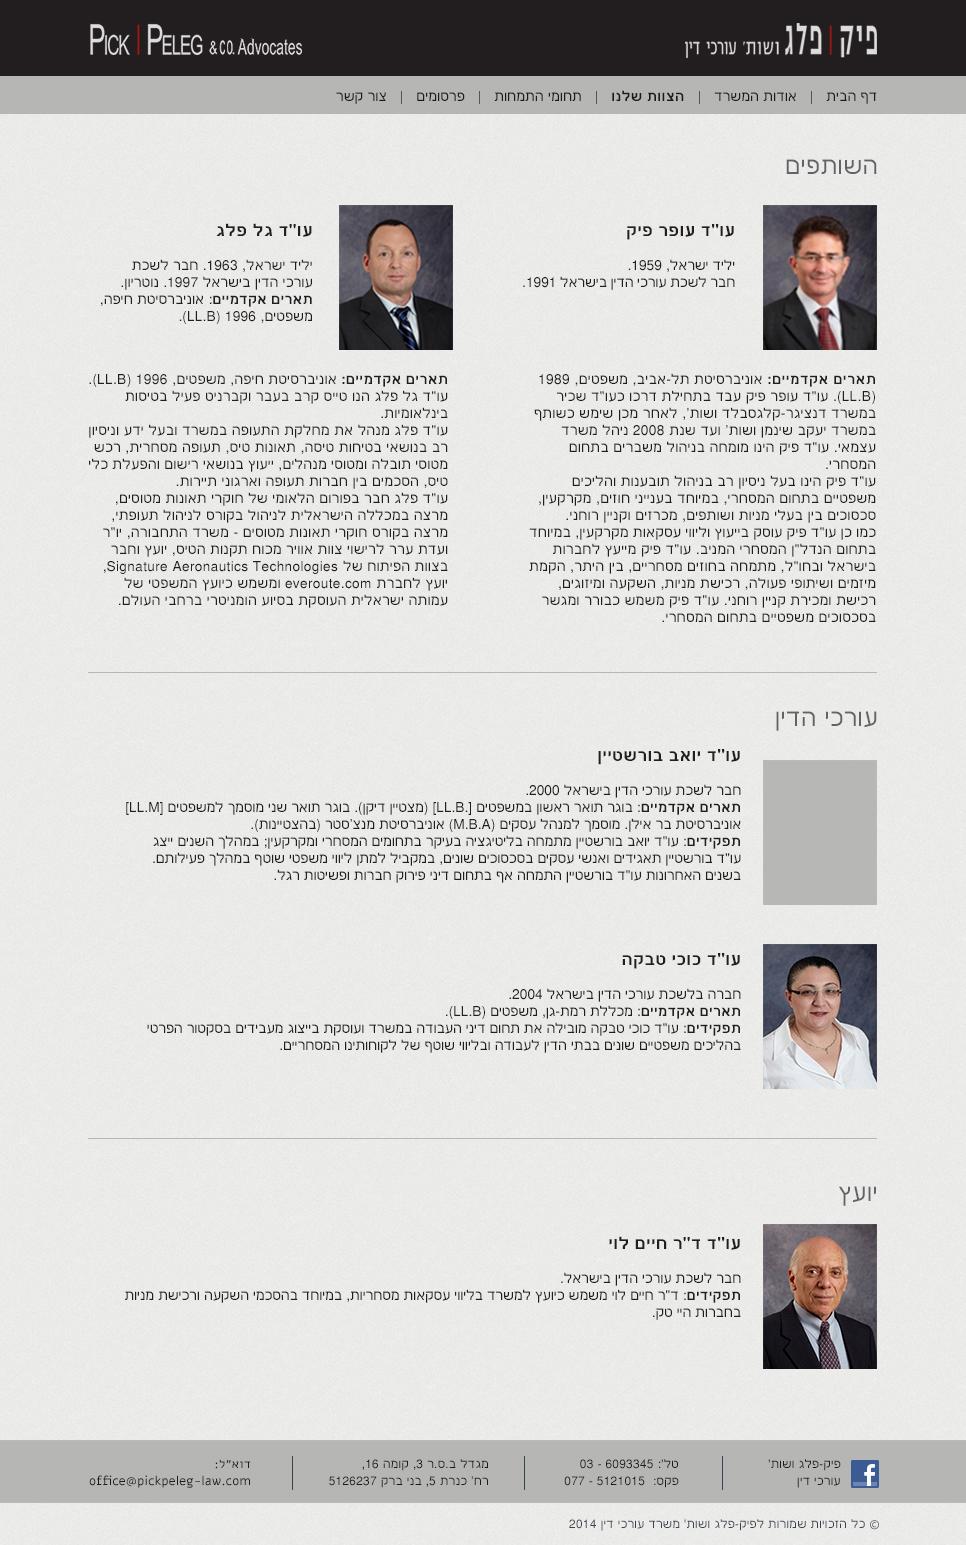 פיתוח אתרים עורכי-דין